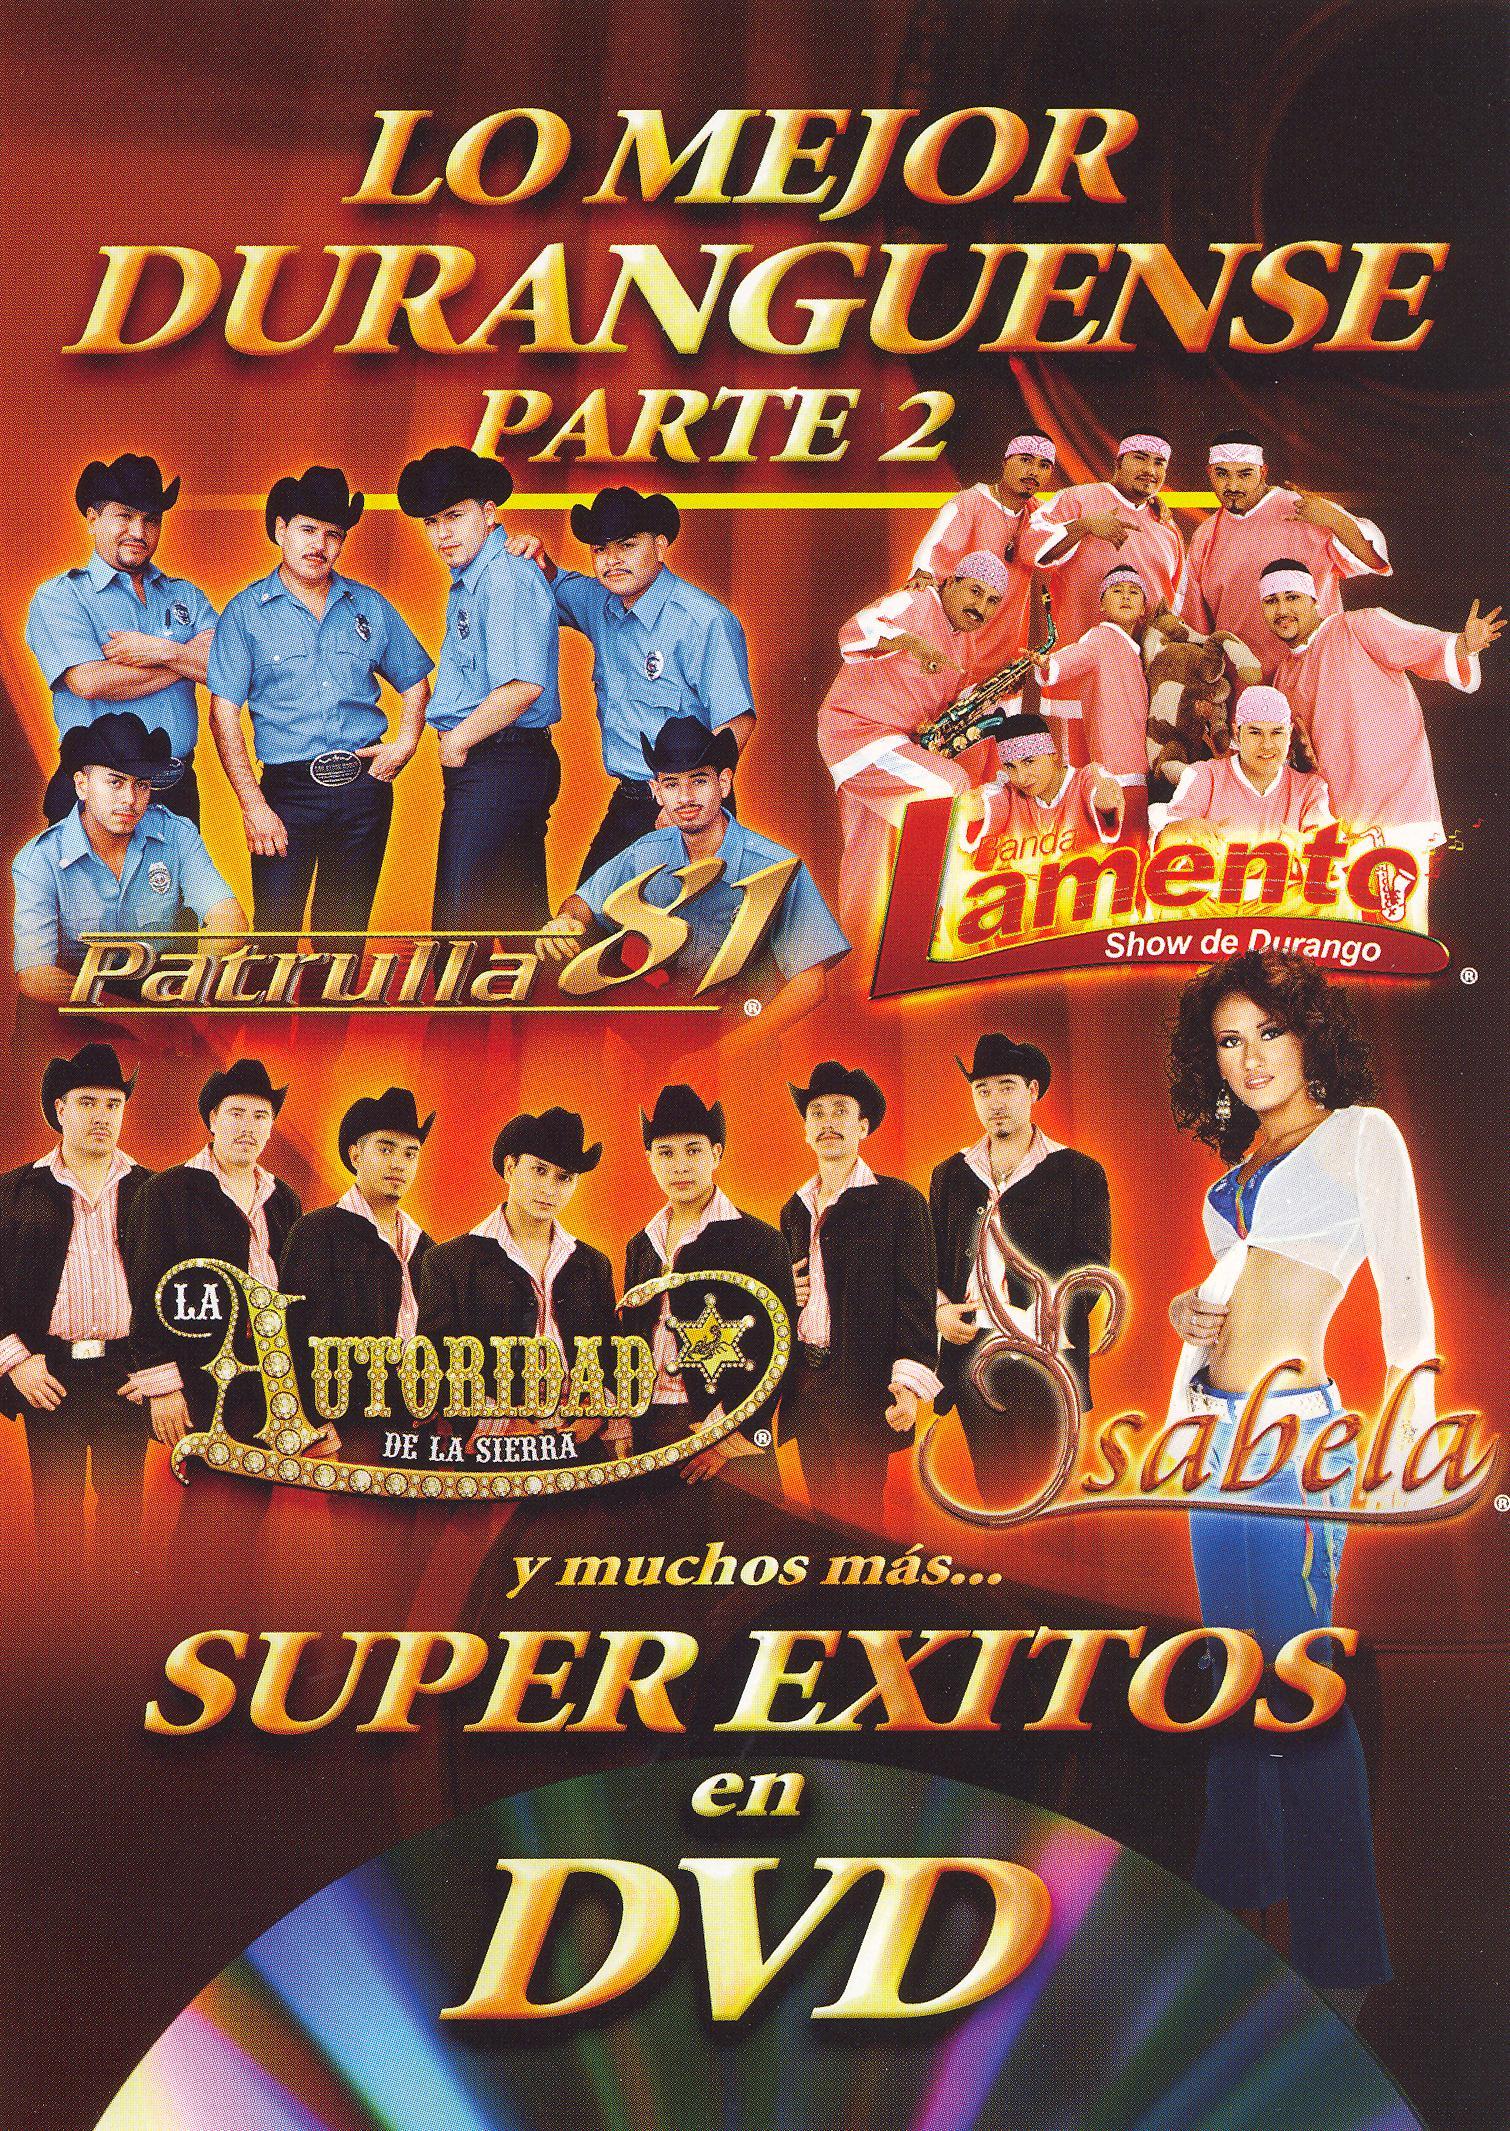 Super Exitos en DVD: Duranguense, Vol. 2